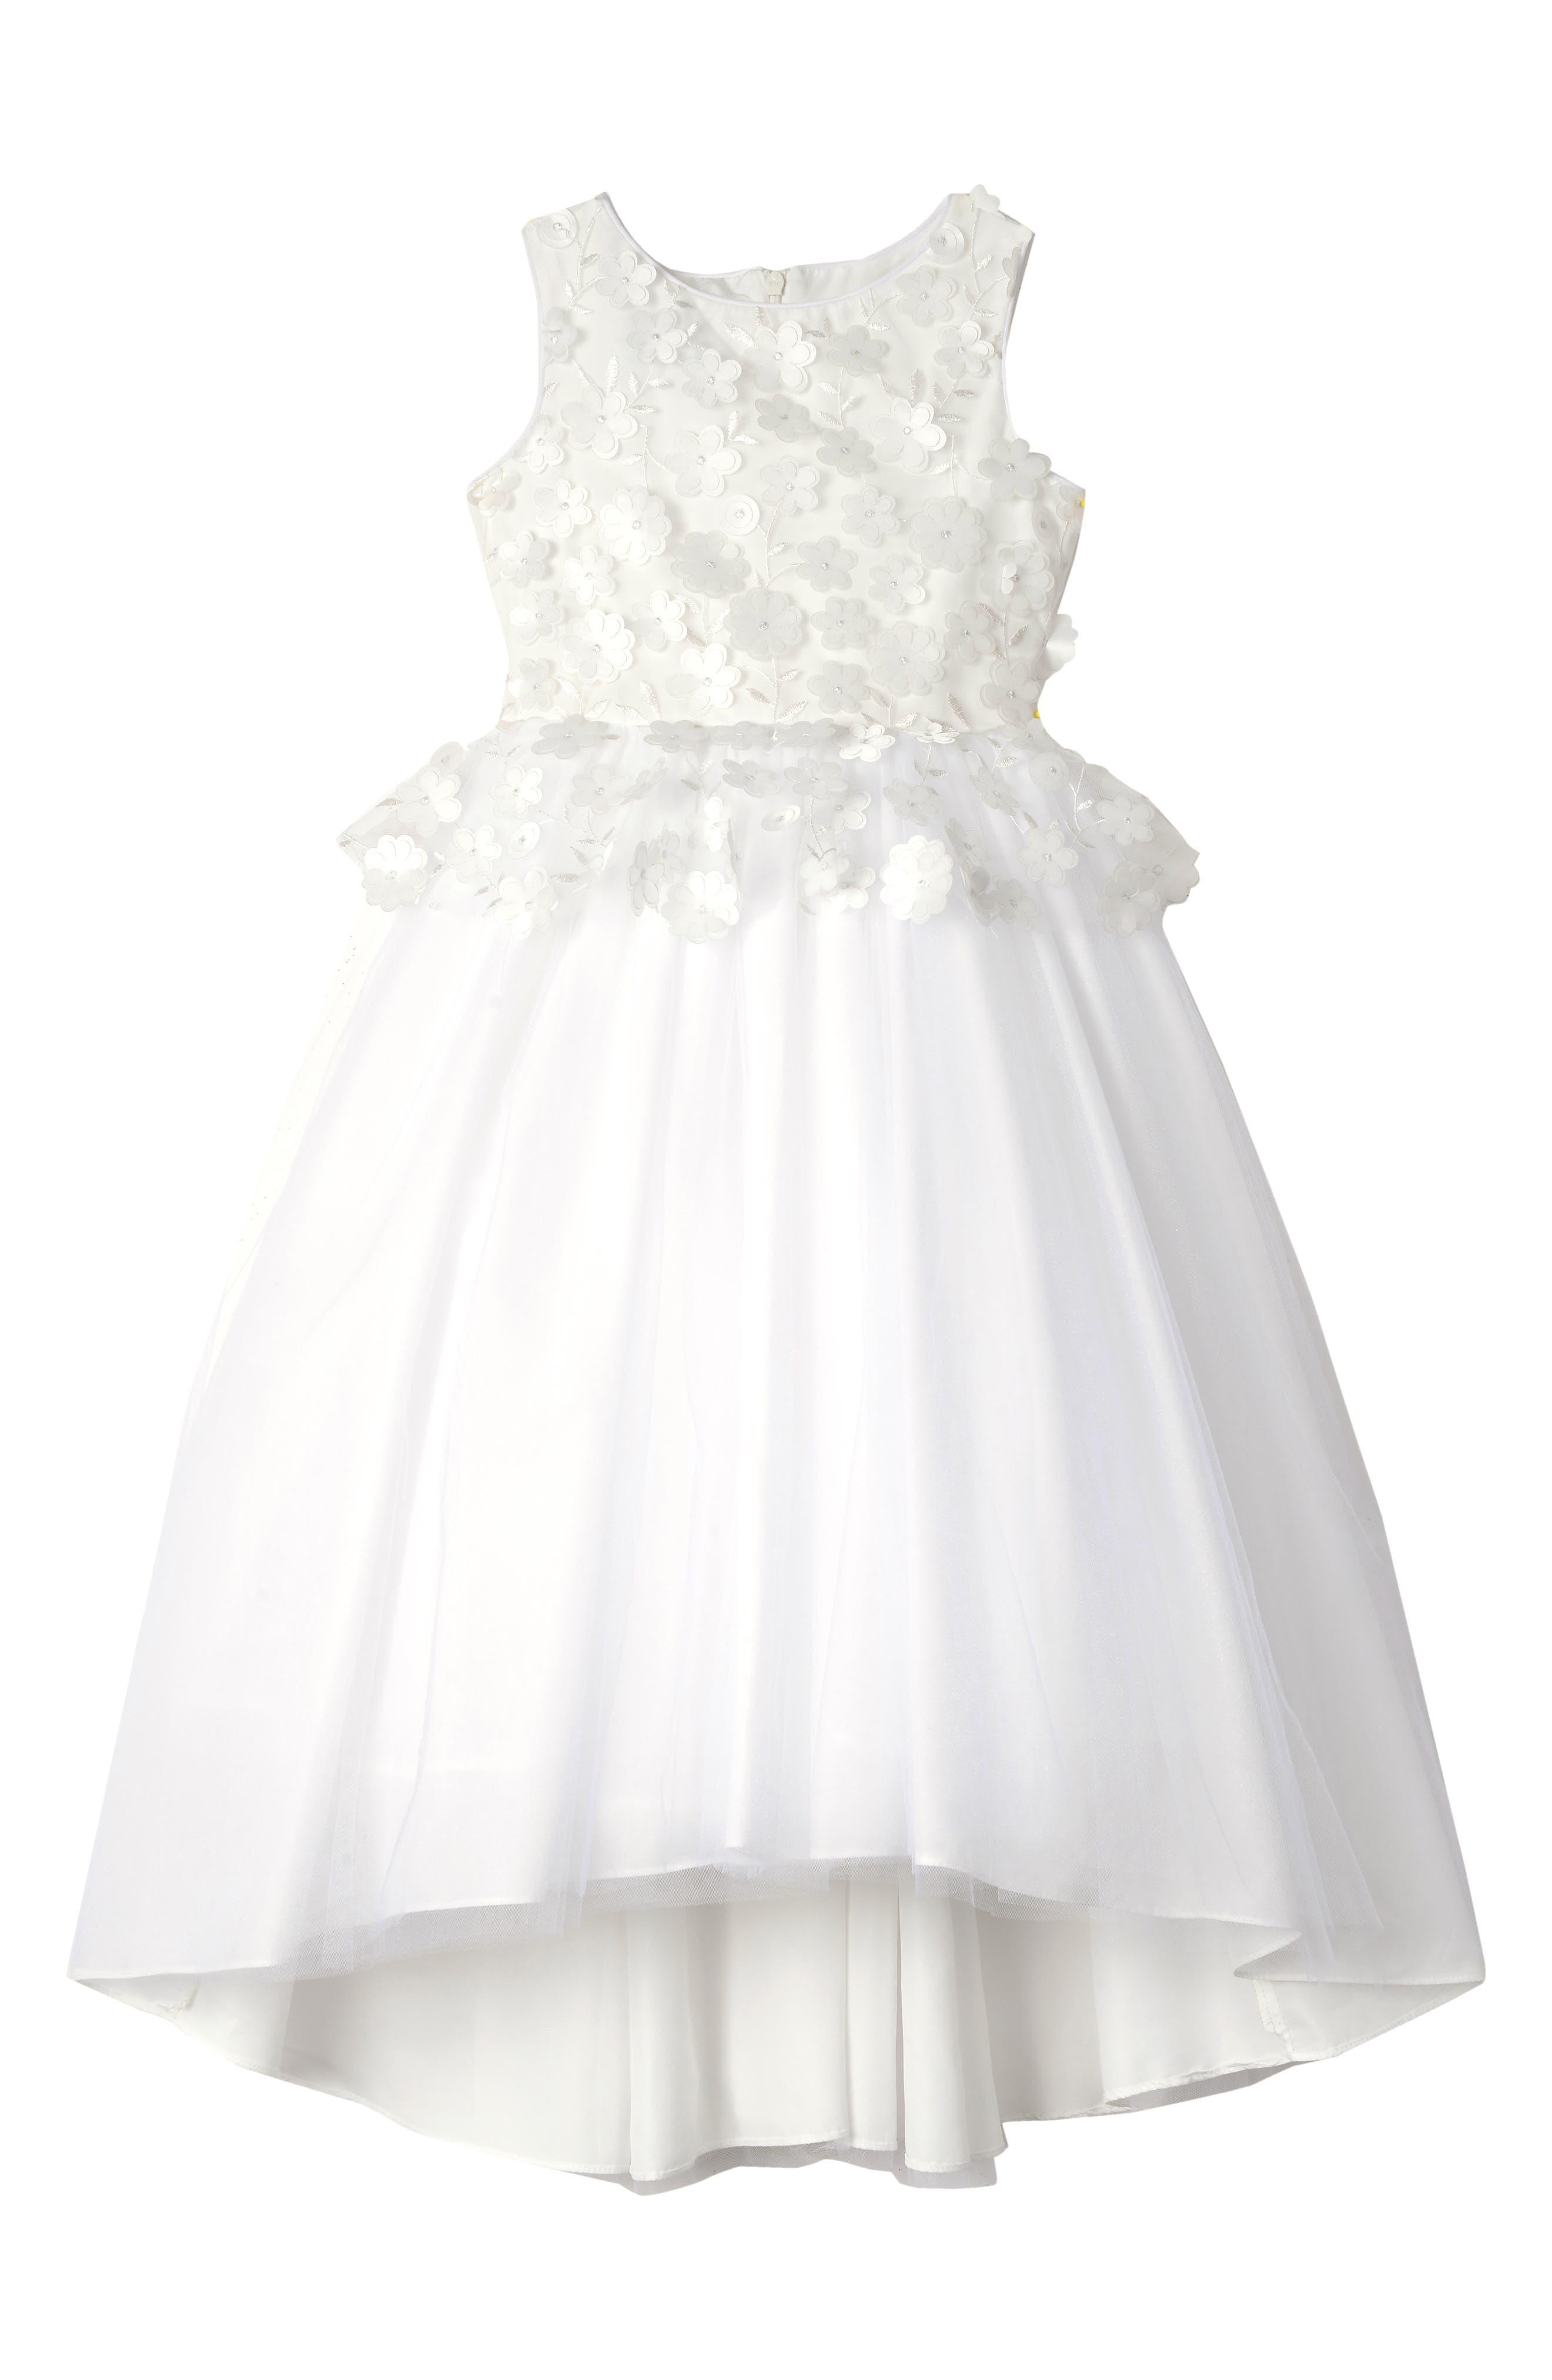 Girls Badgley Mischka 3D Flower Peplum Dress